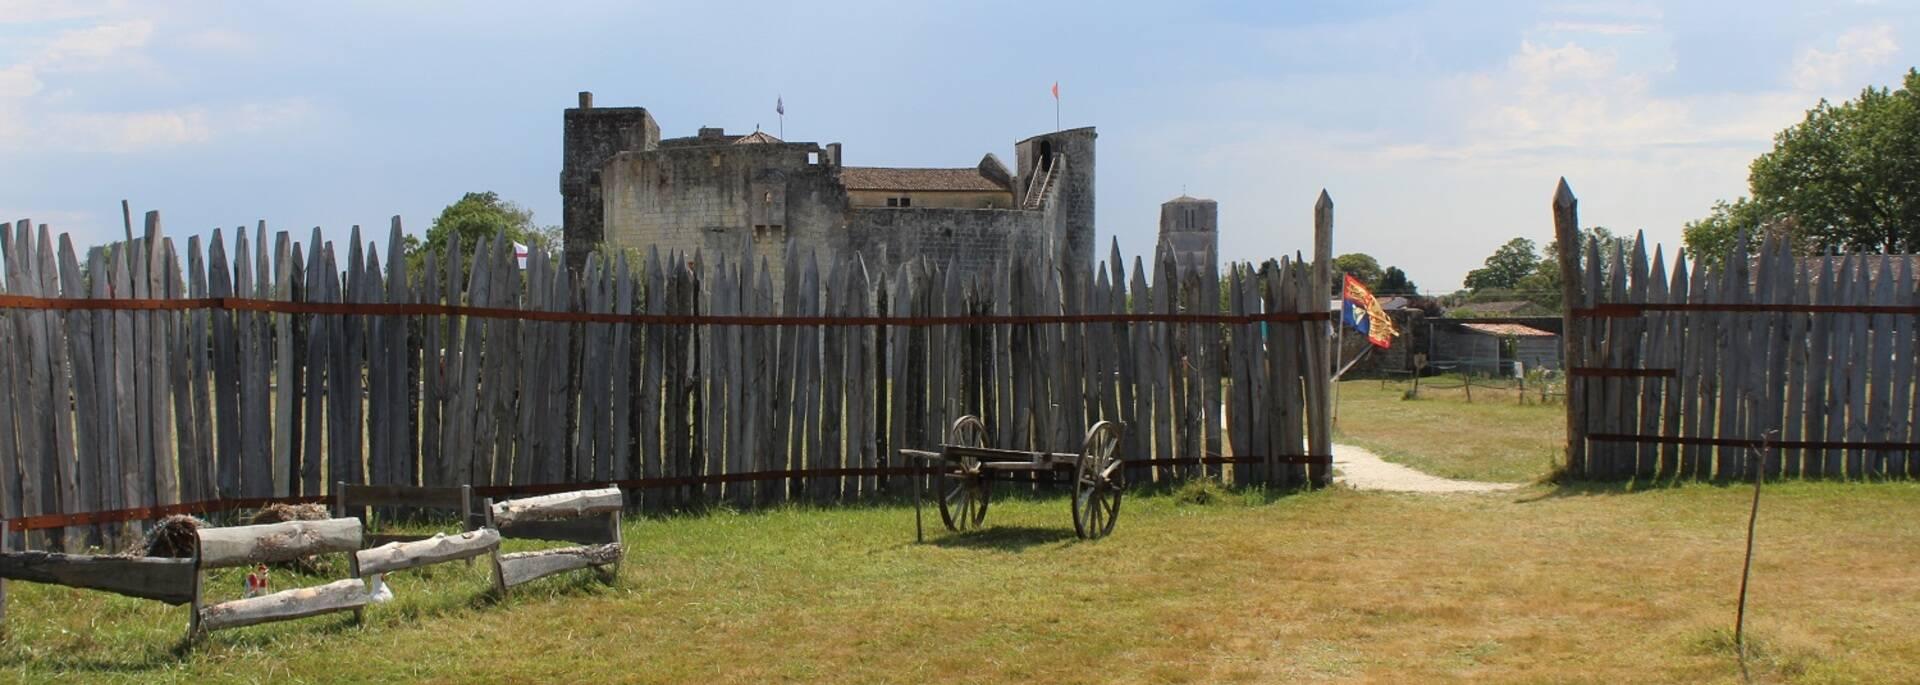 Intérieur de la motte castrale au château fort de Saint-Jean d'Angle - ©P.Migaud / FDHPA17